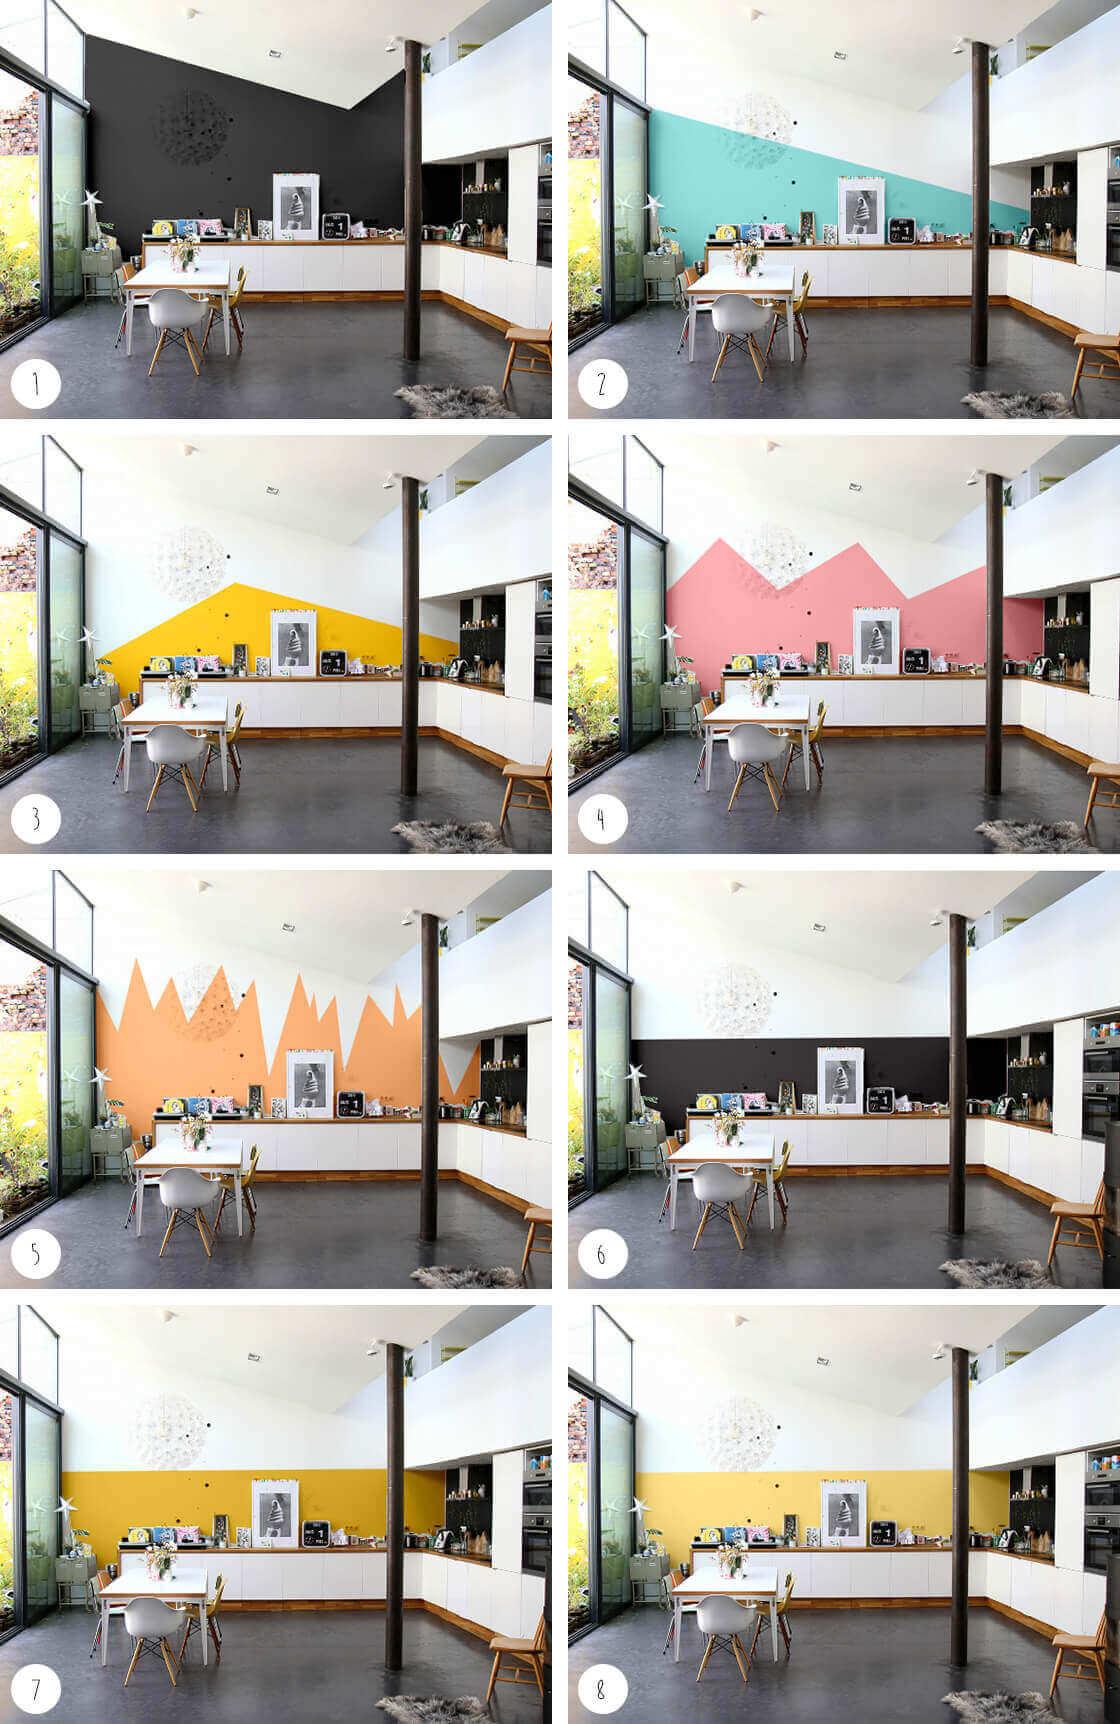 Peinture choix couleur meilleures images d 39 inspiration - Couleur de peinture pour maison ...